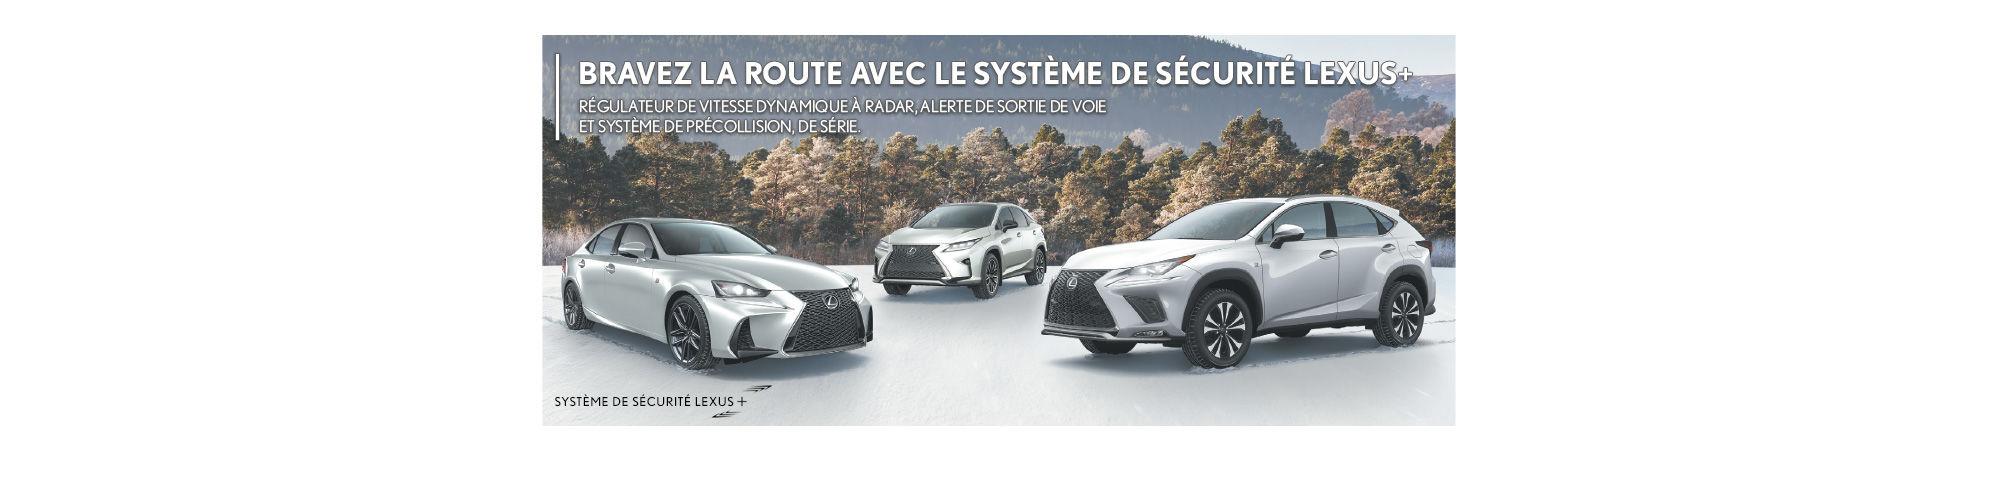 Système sécurité plus Lexus